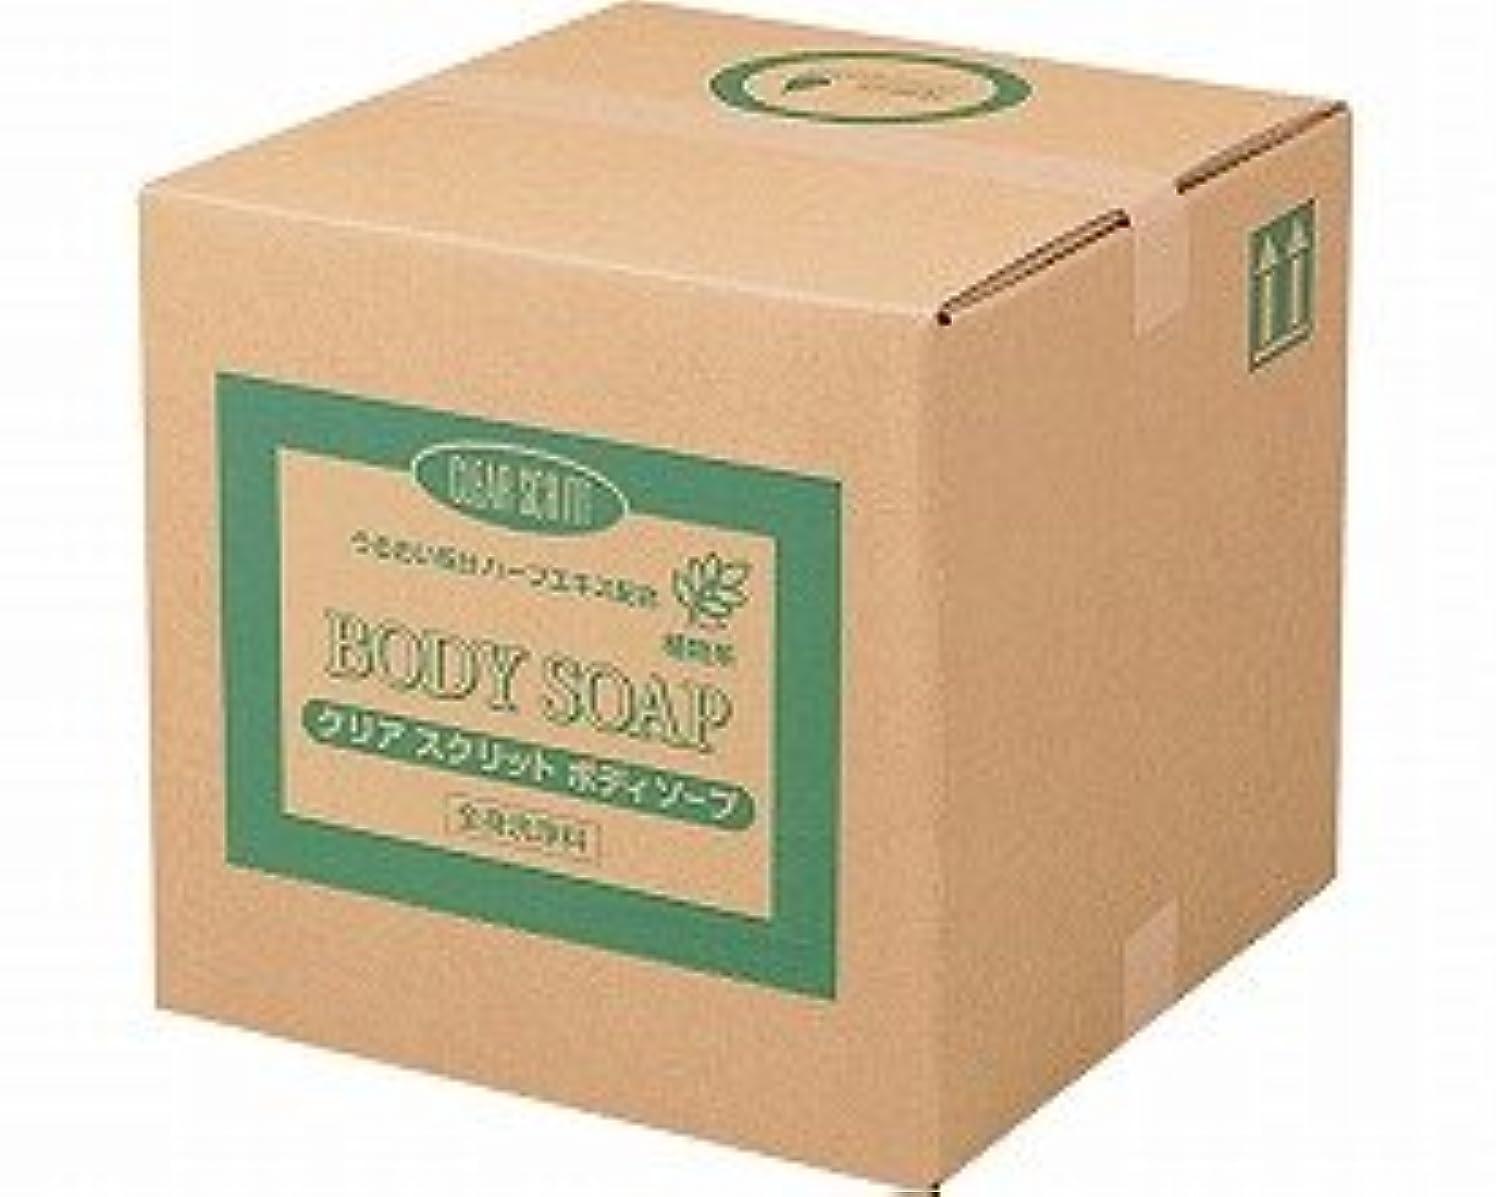 動作郵便明示的にCLEAR SCRITT(クリアスクリット) ボディソープ 18L コック付 4355 (熊野油脂) (清拭小物)